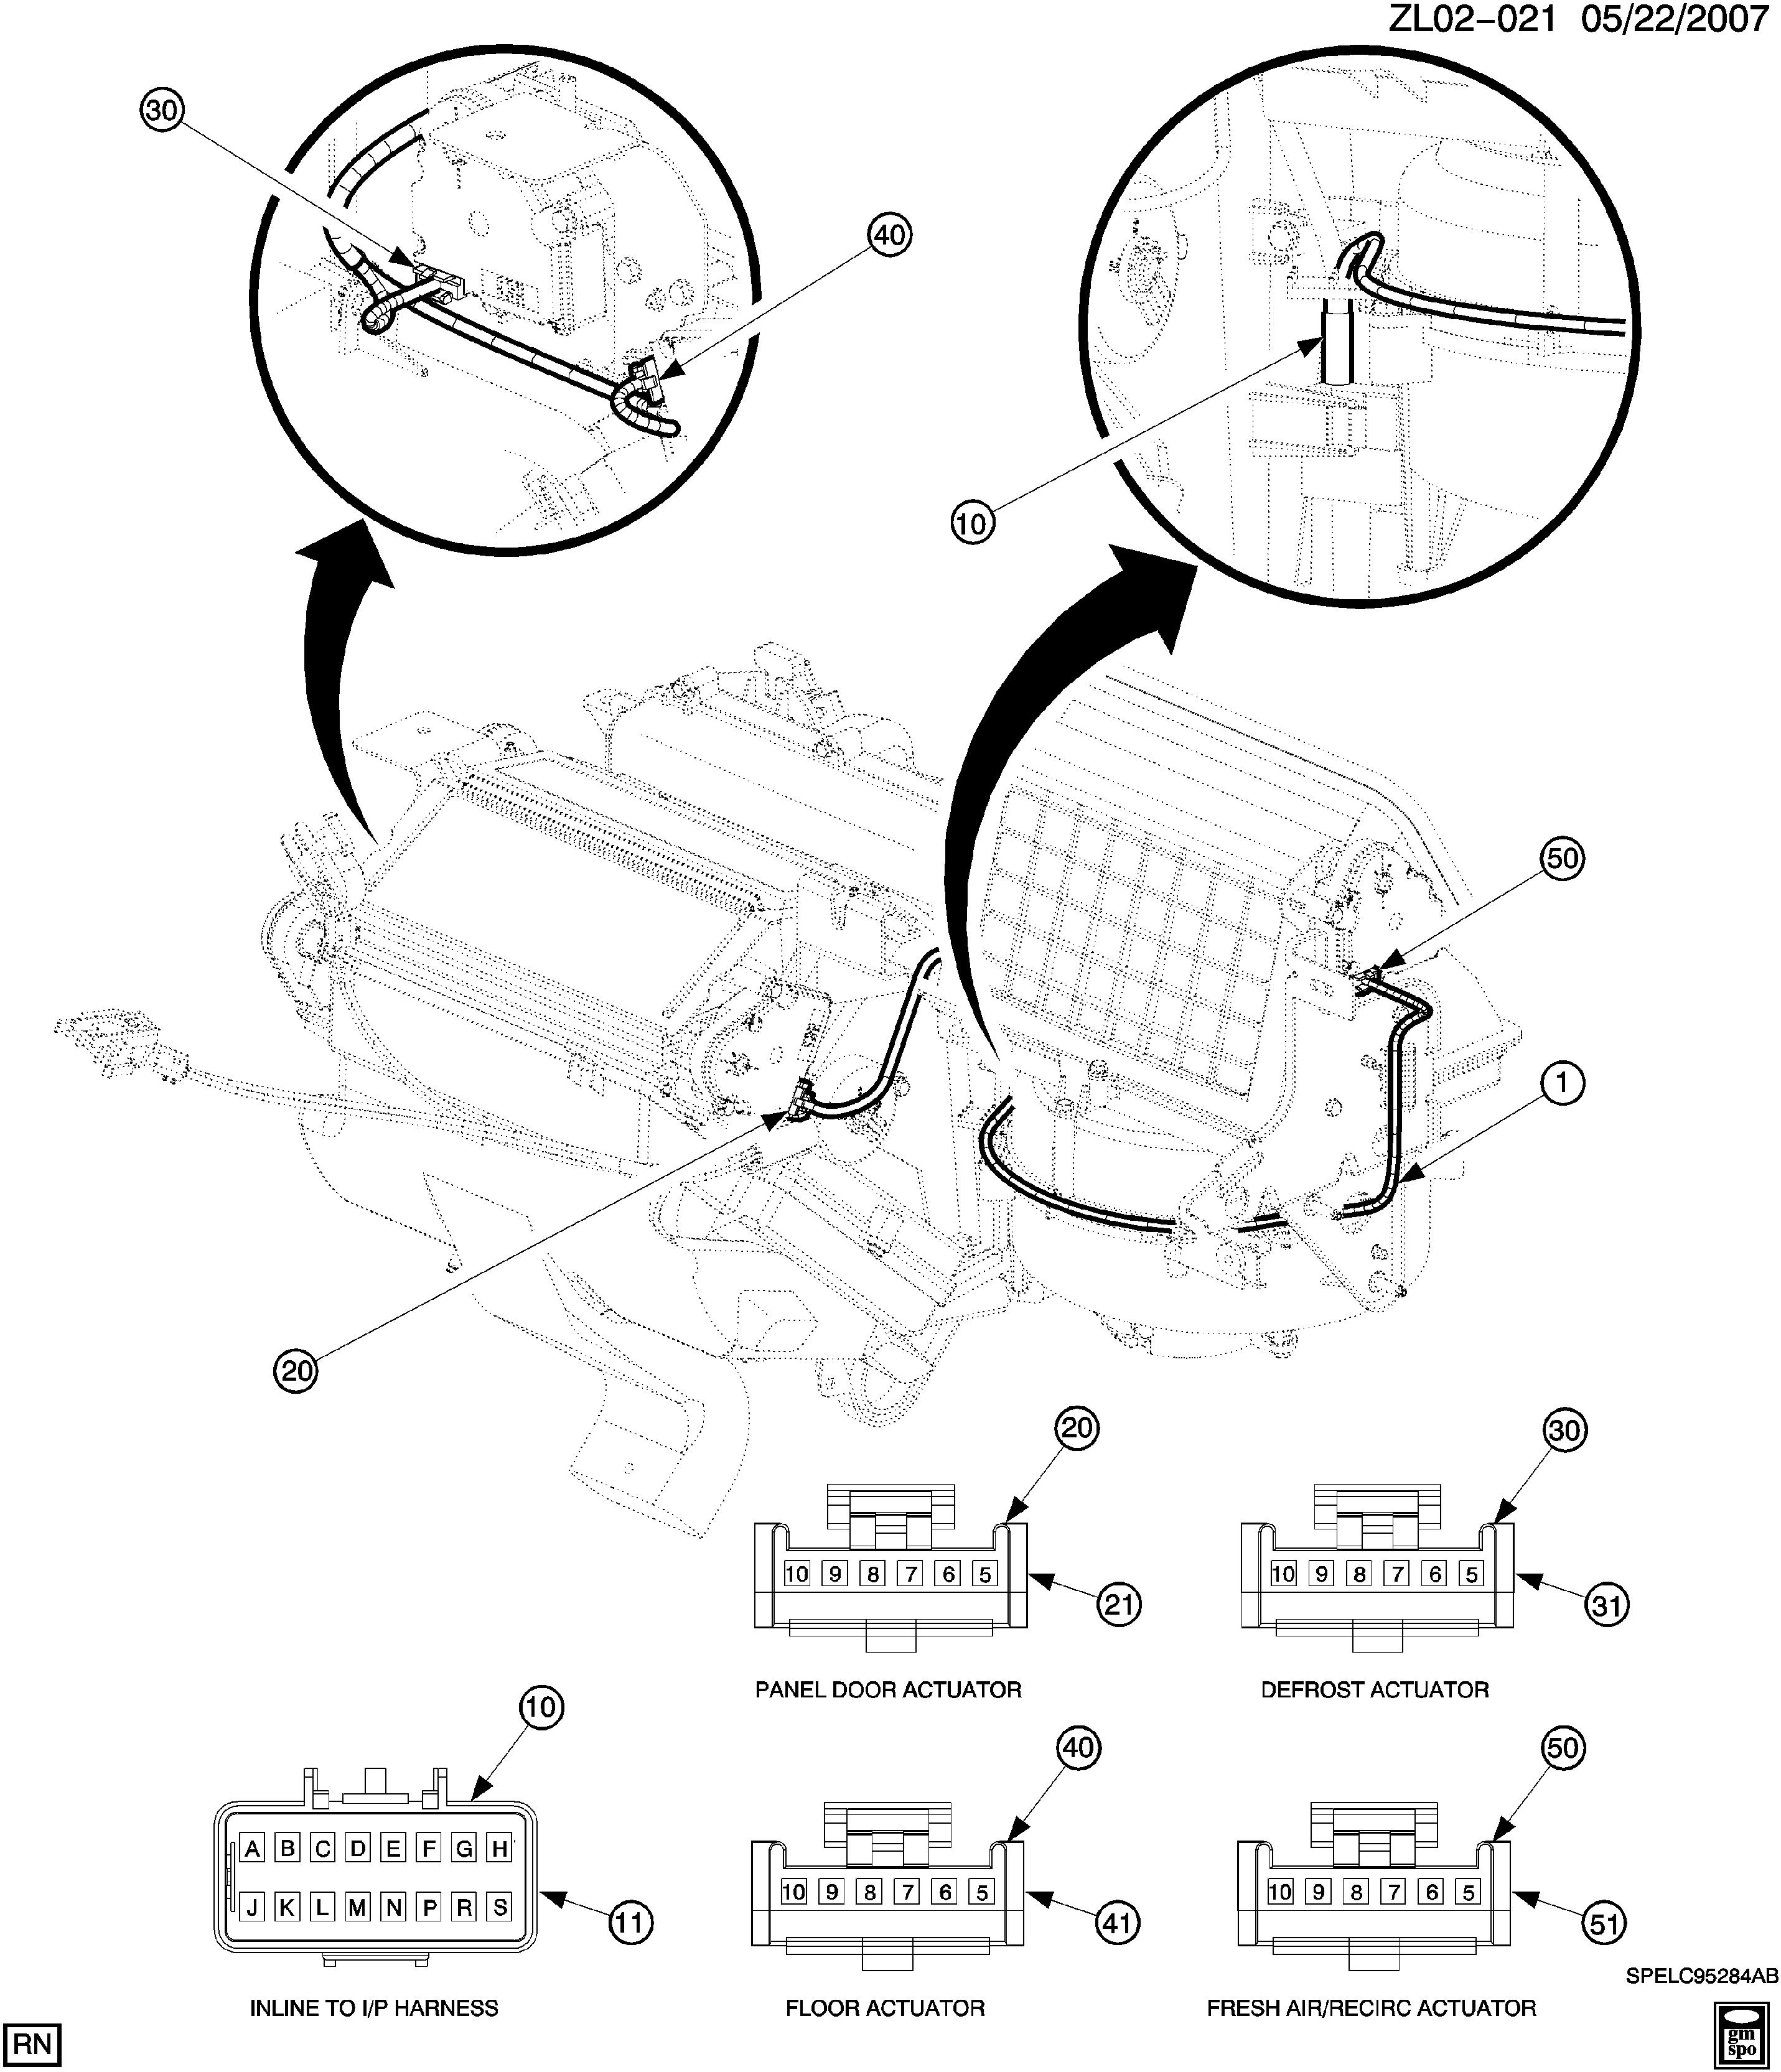 saturn vue hvac wiring diagram